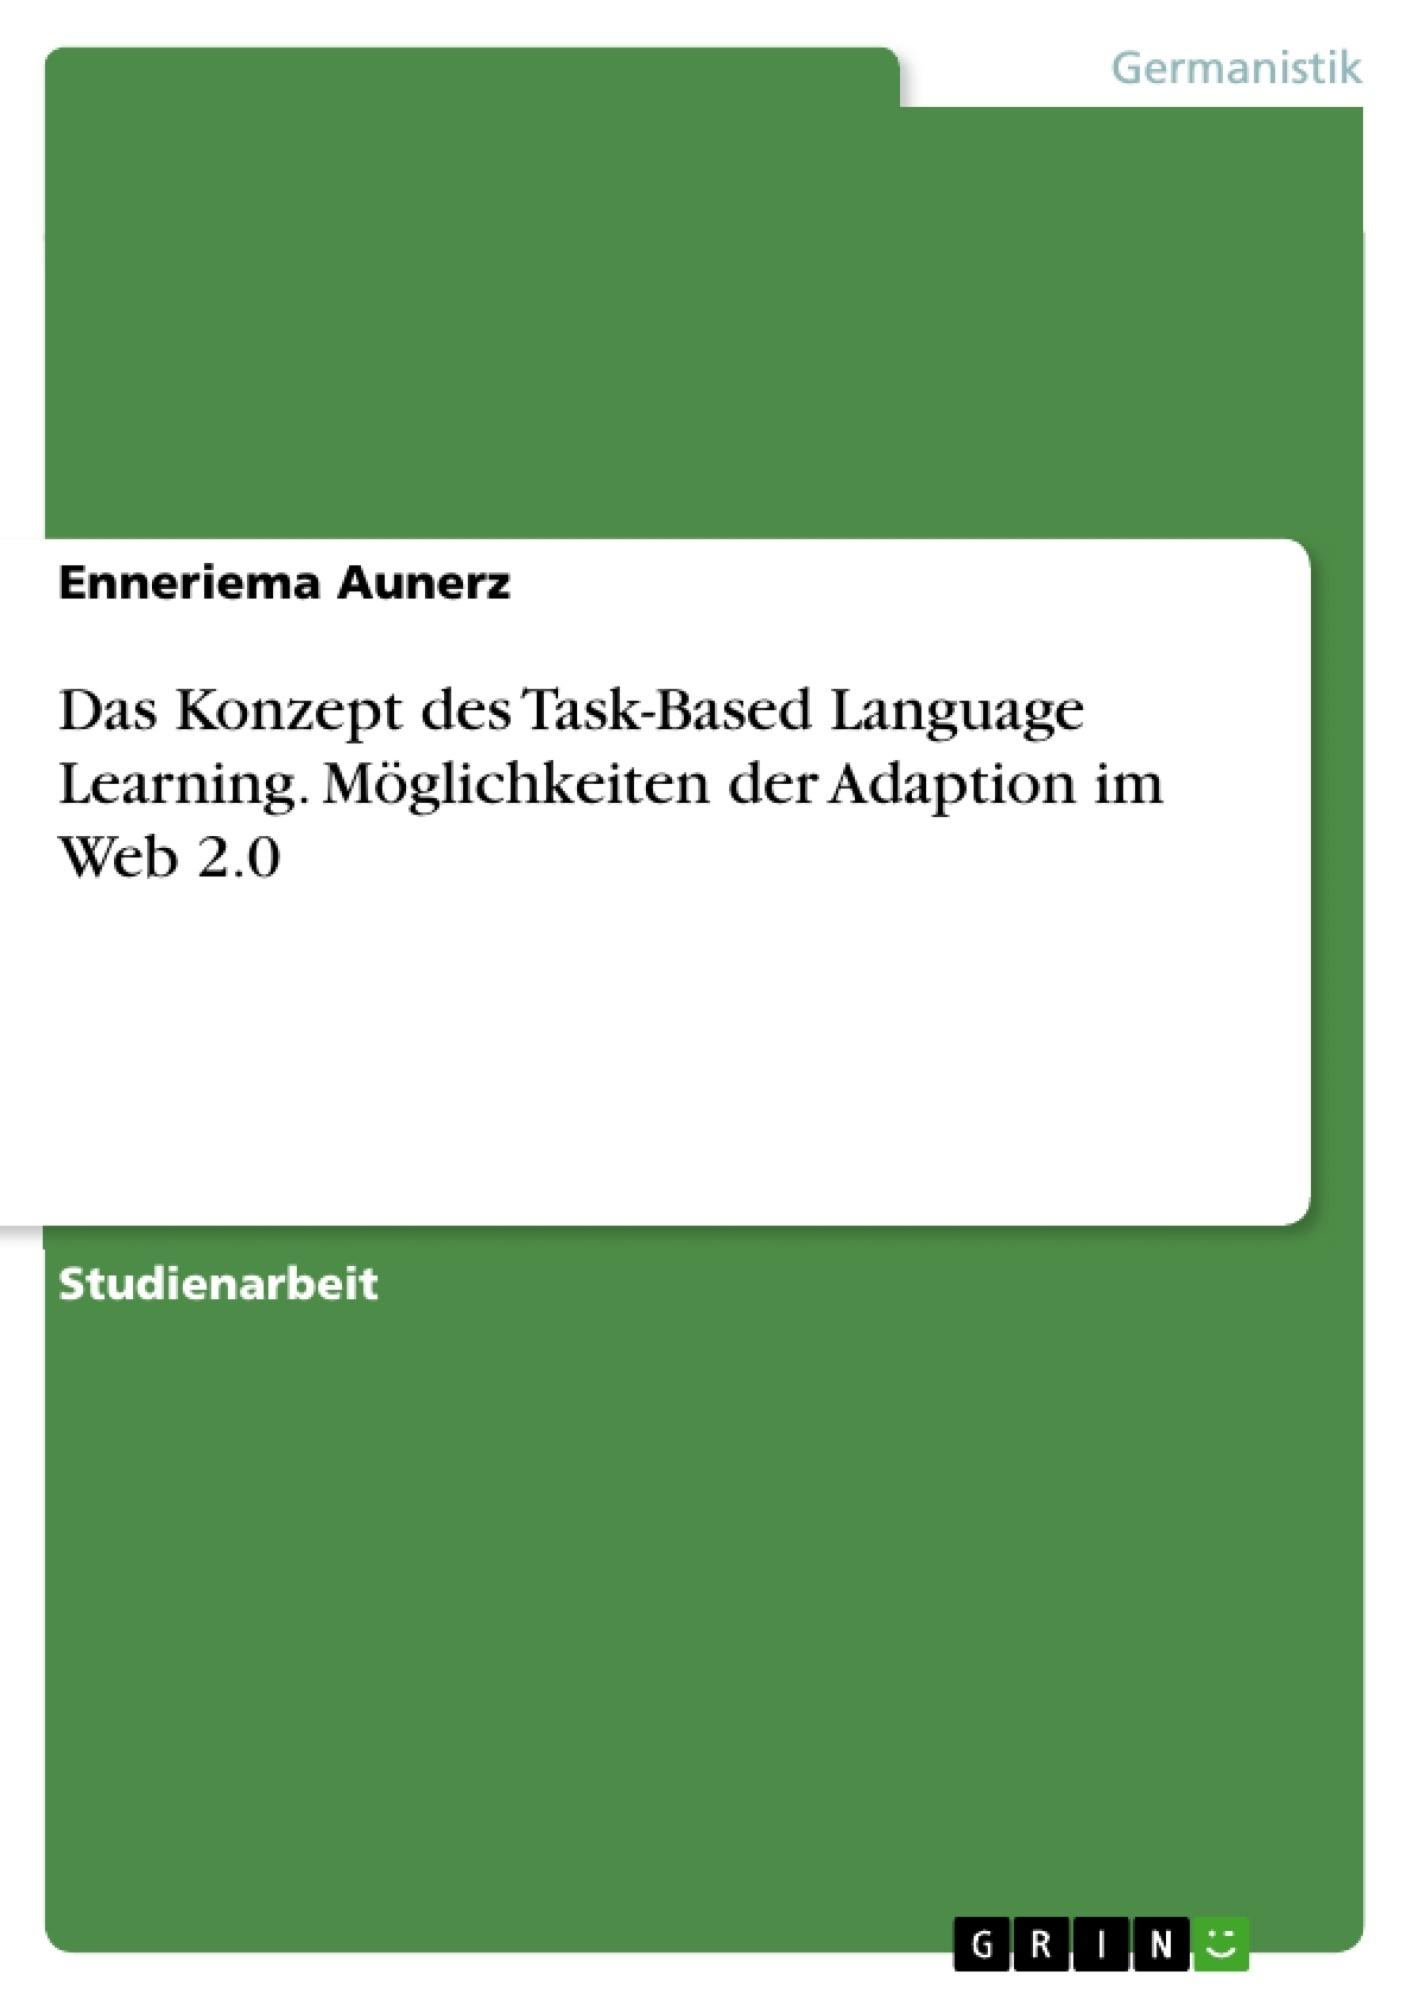 Titel: Das Konzept des Task-Based Language Learning. Möglichkeiten der Adaption im Web 2.0